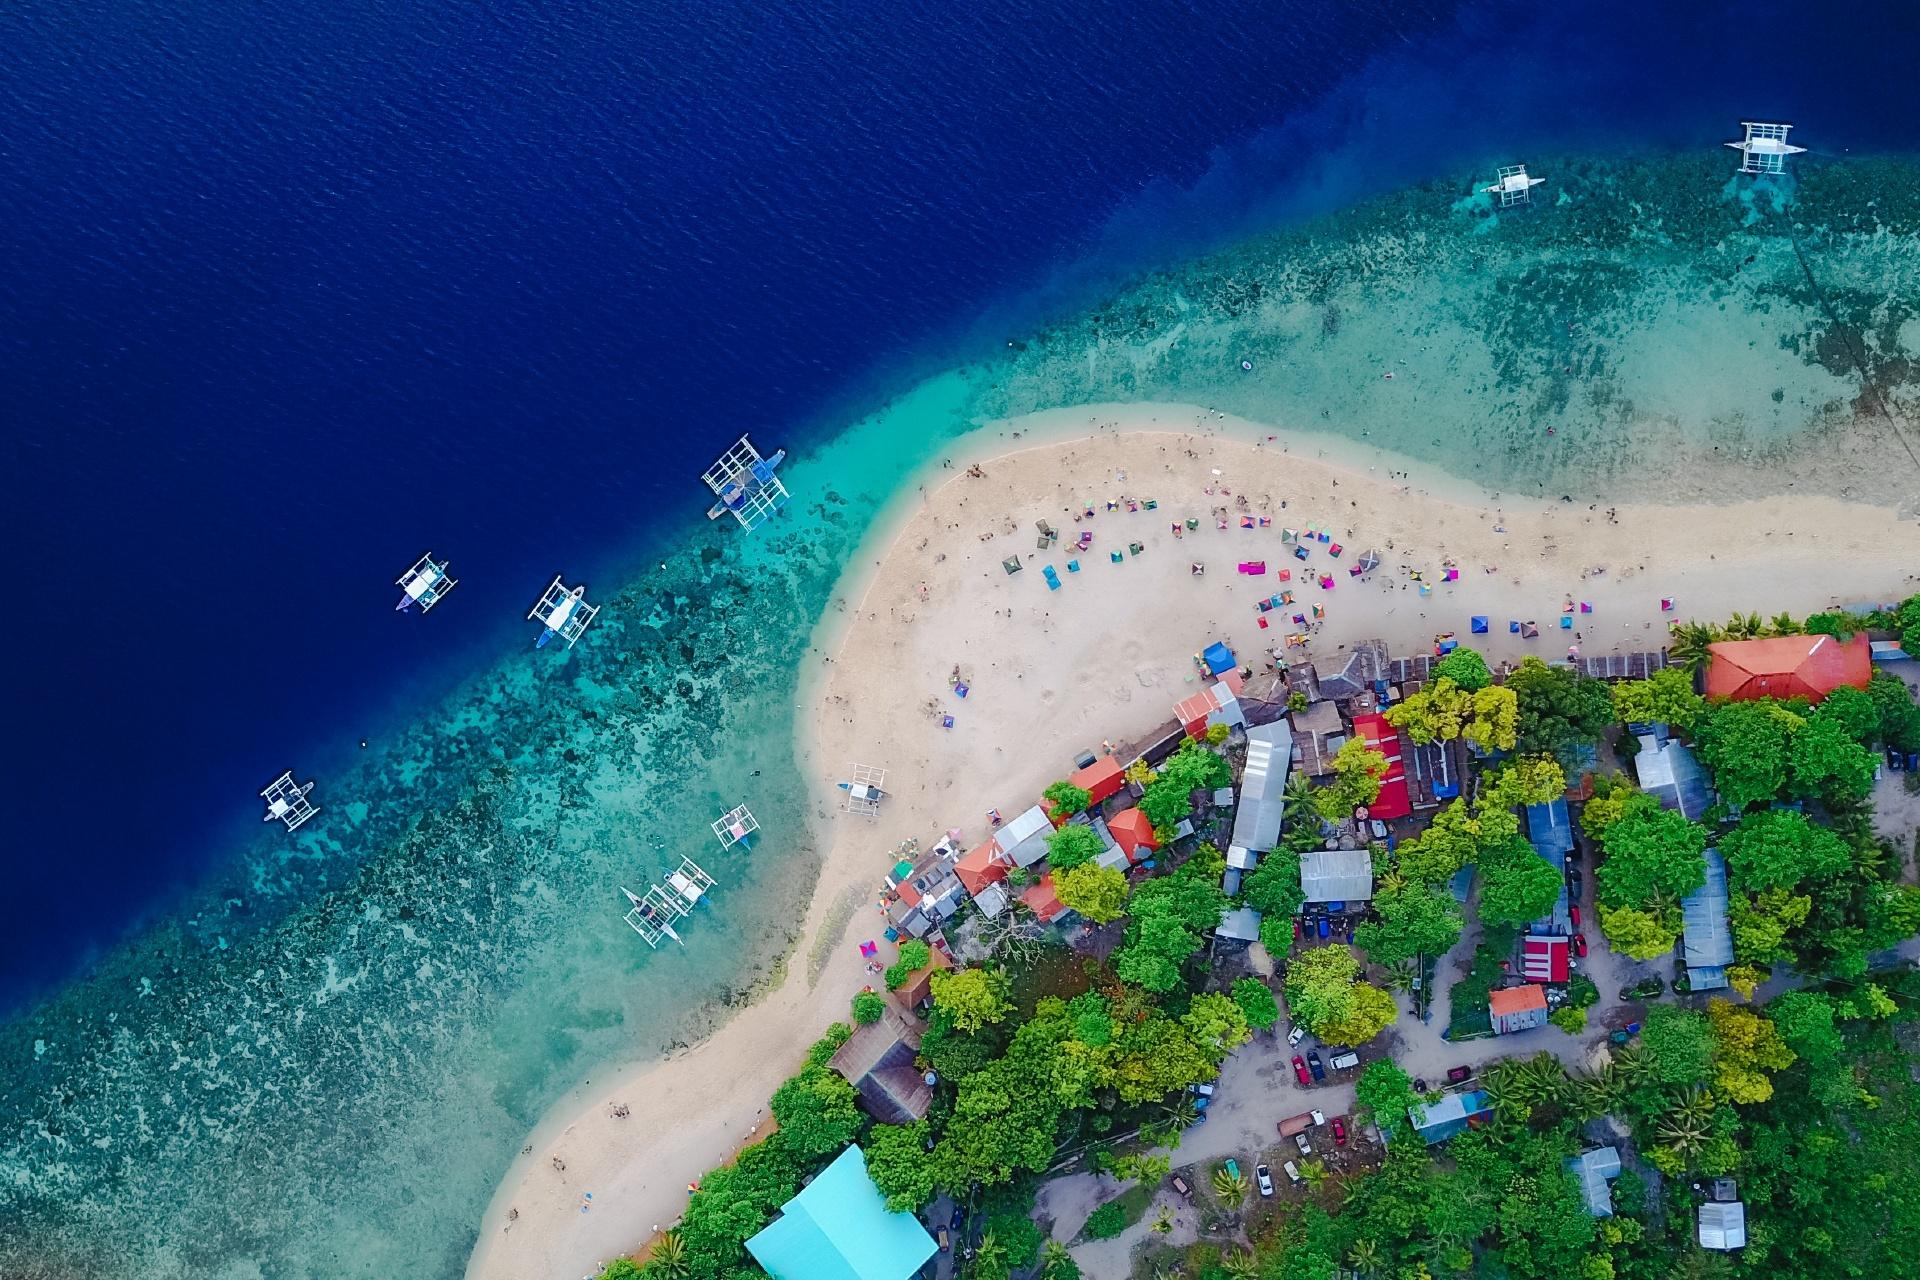 スミロン島の風景 フィリピンの風景